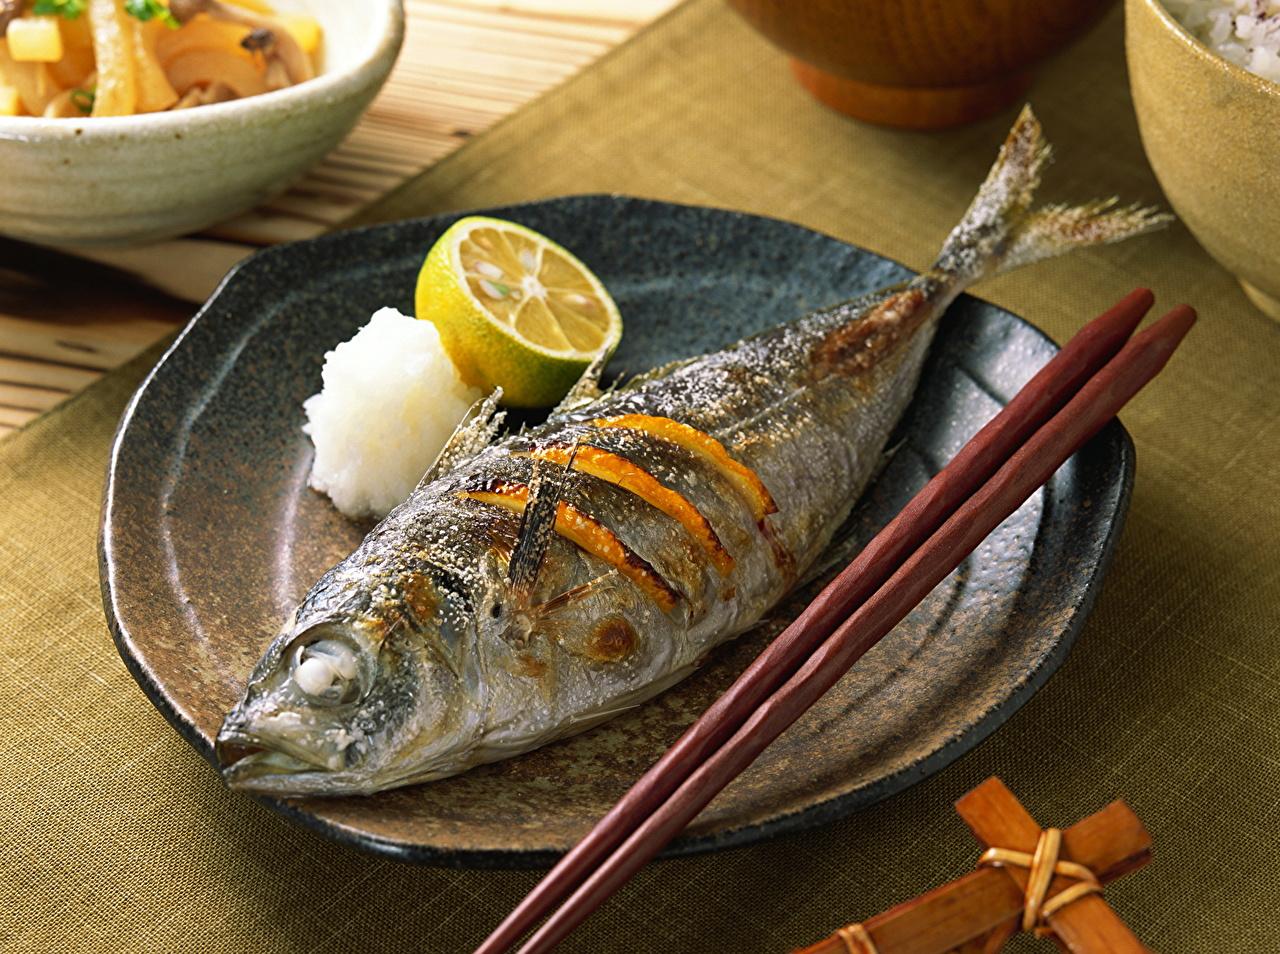 Картинка Рыбы Лимоны Пища тарелке Морепродукты Еда Тарелка Продукты питания